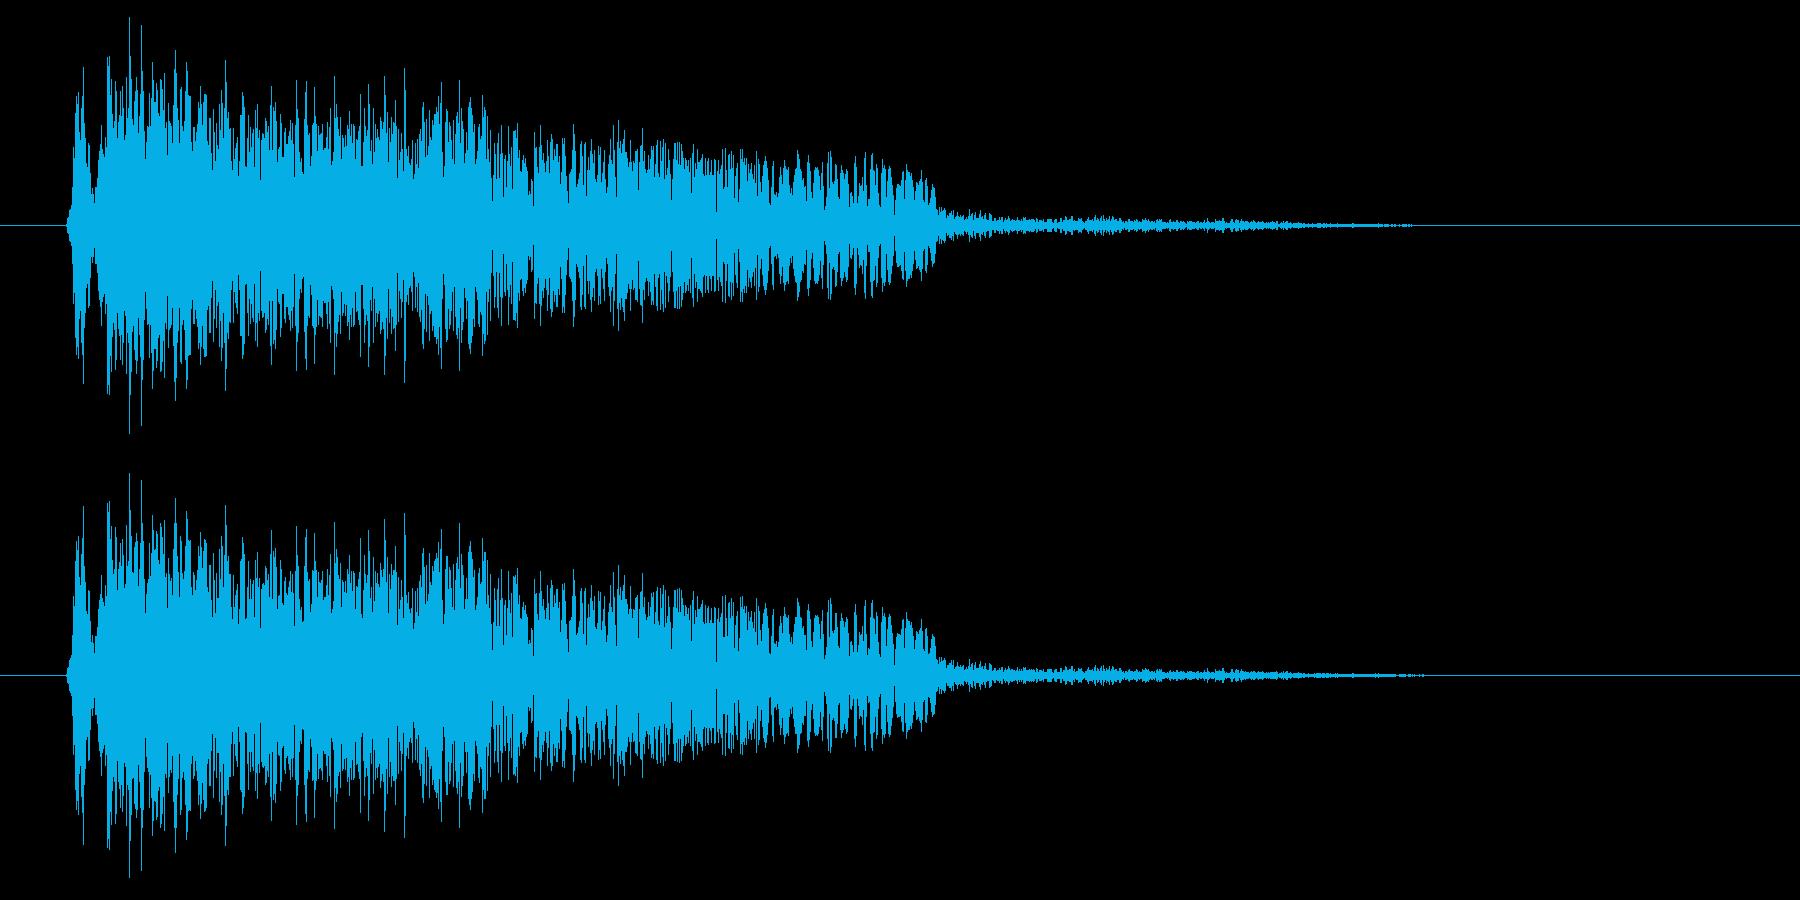 ヒュオ~ン(コミカルなUFOの飛行音)の再生済みの波形